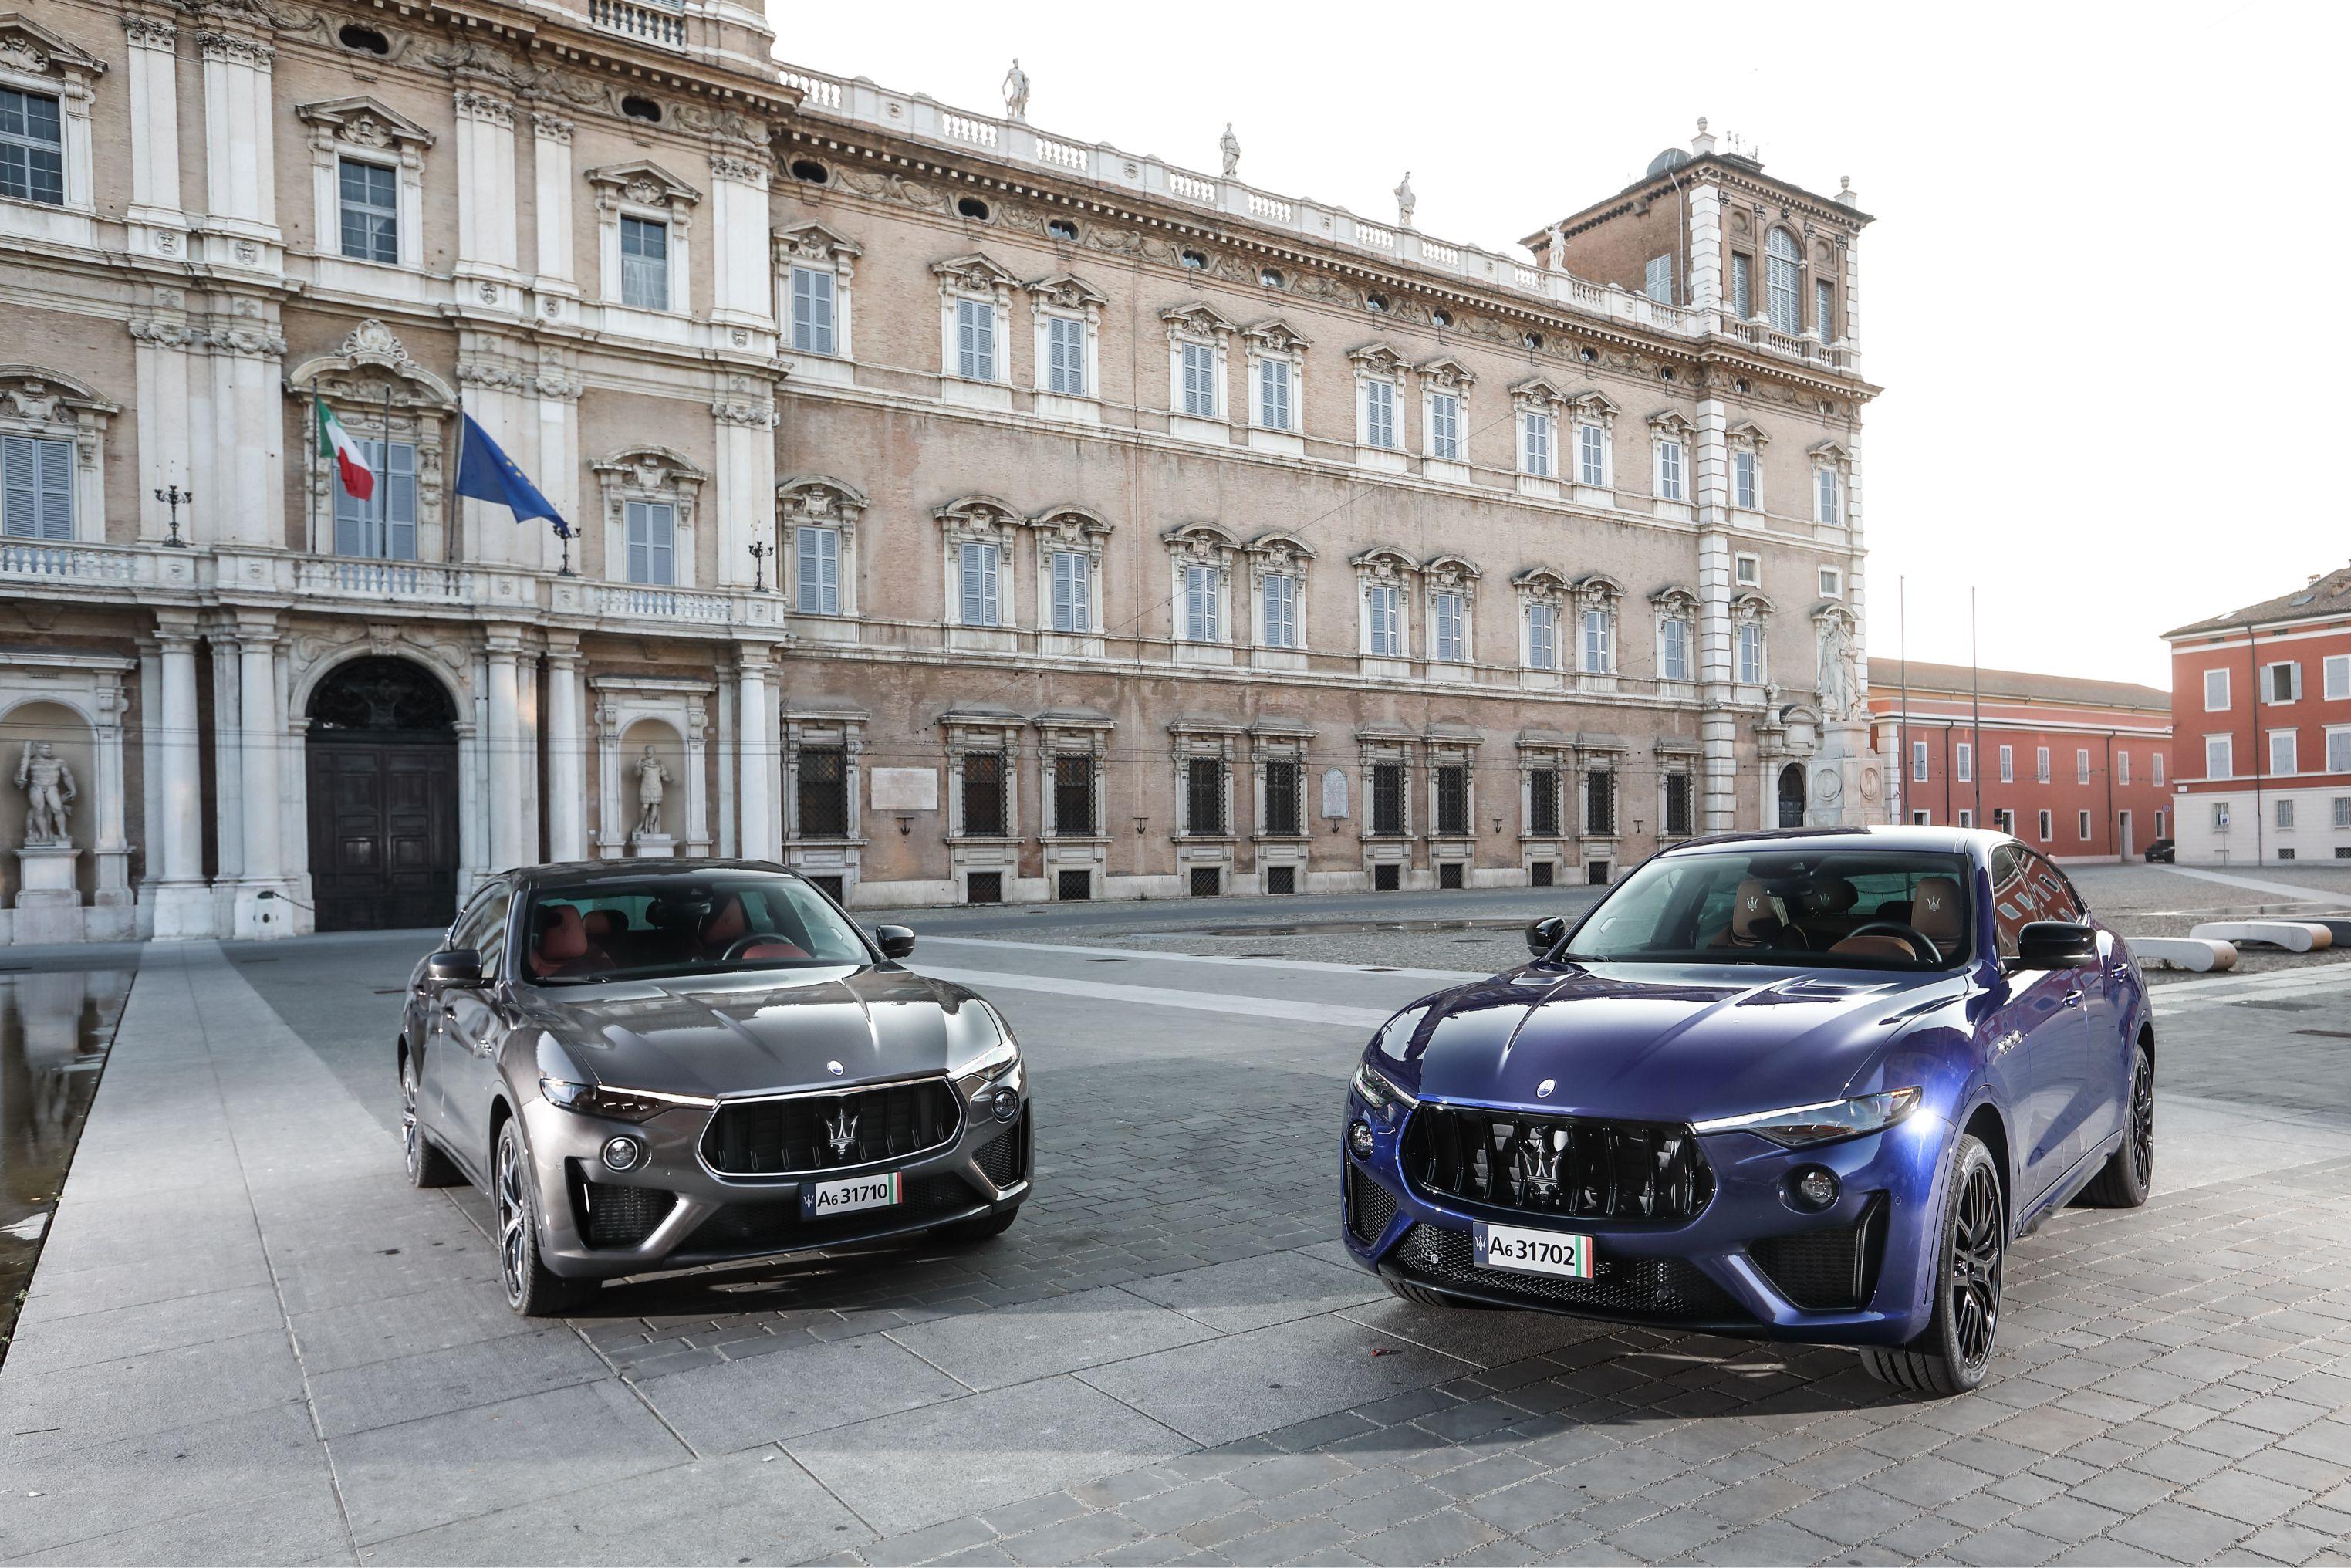 Maserati sărbătorește 105 ani de istorie și se pregătește pentru începutul unei noi ere